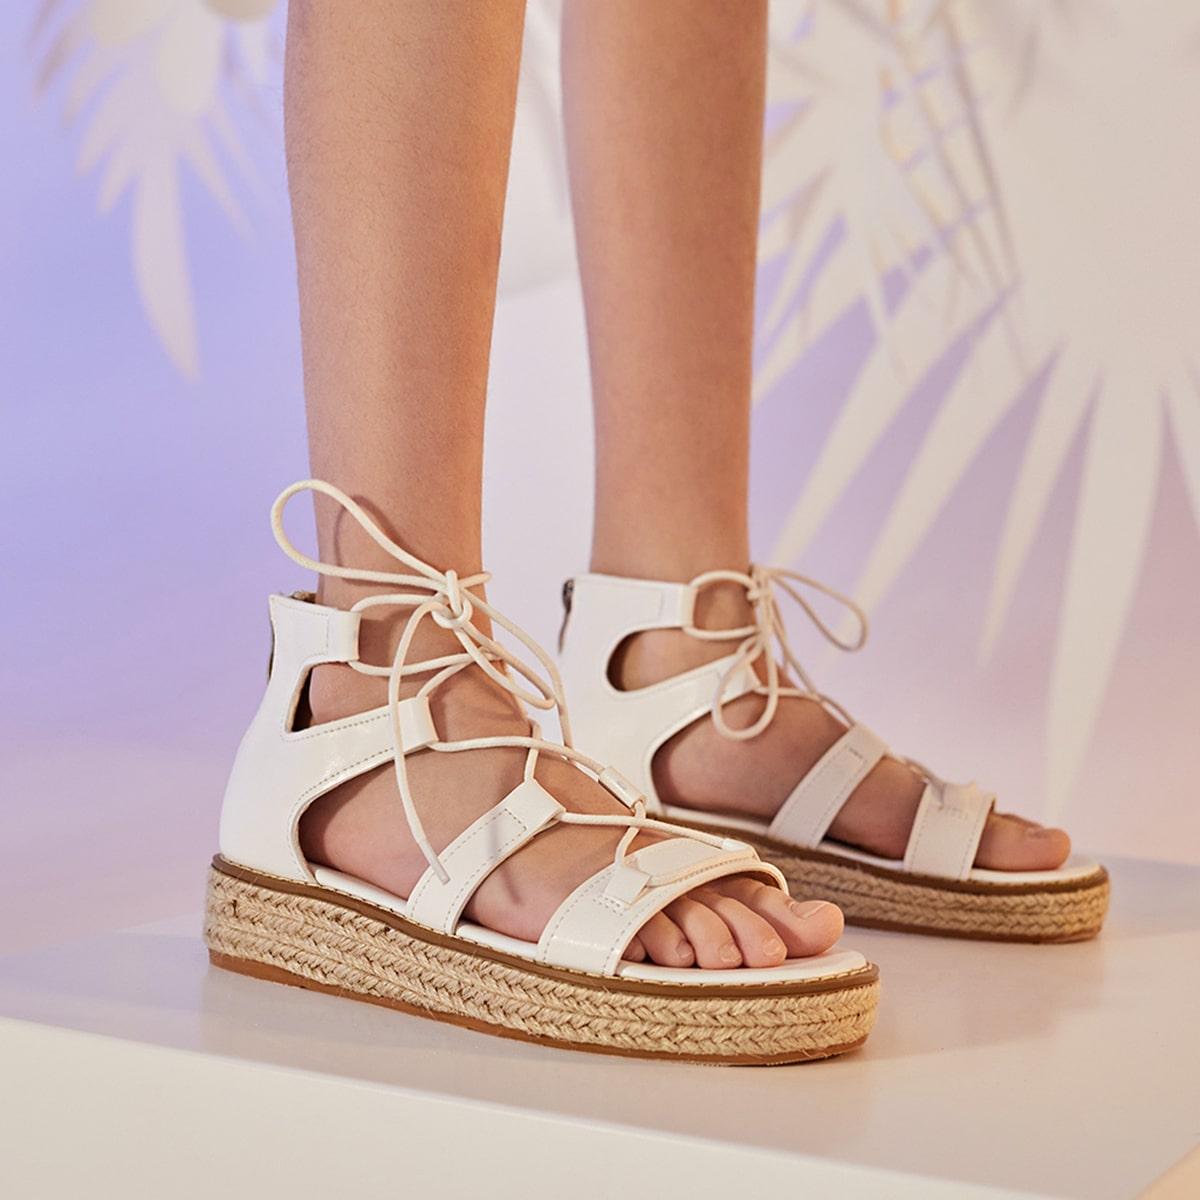 Туфли с джутовой подошвой на шнурках для девочек от SHEIN